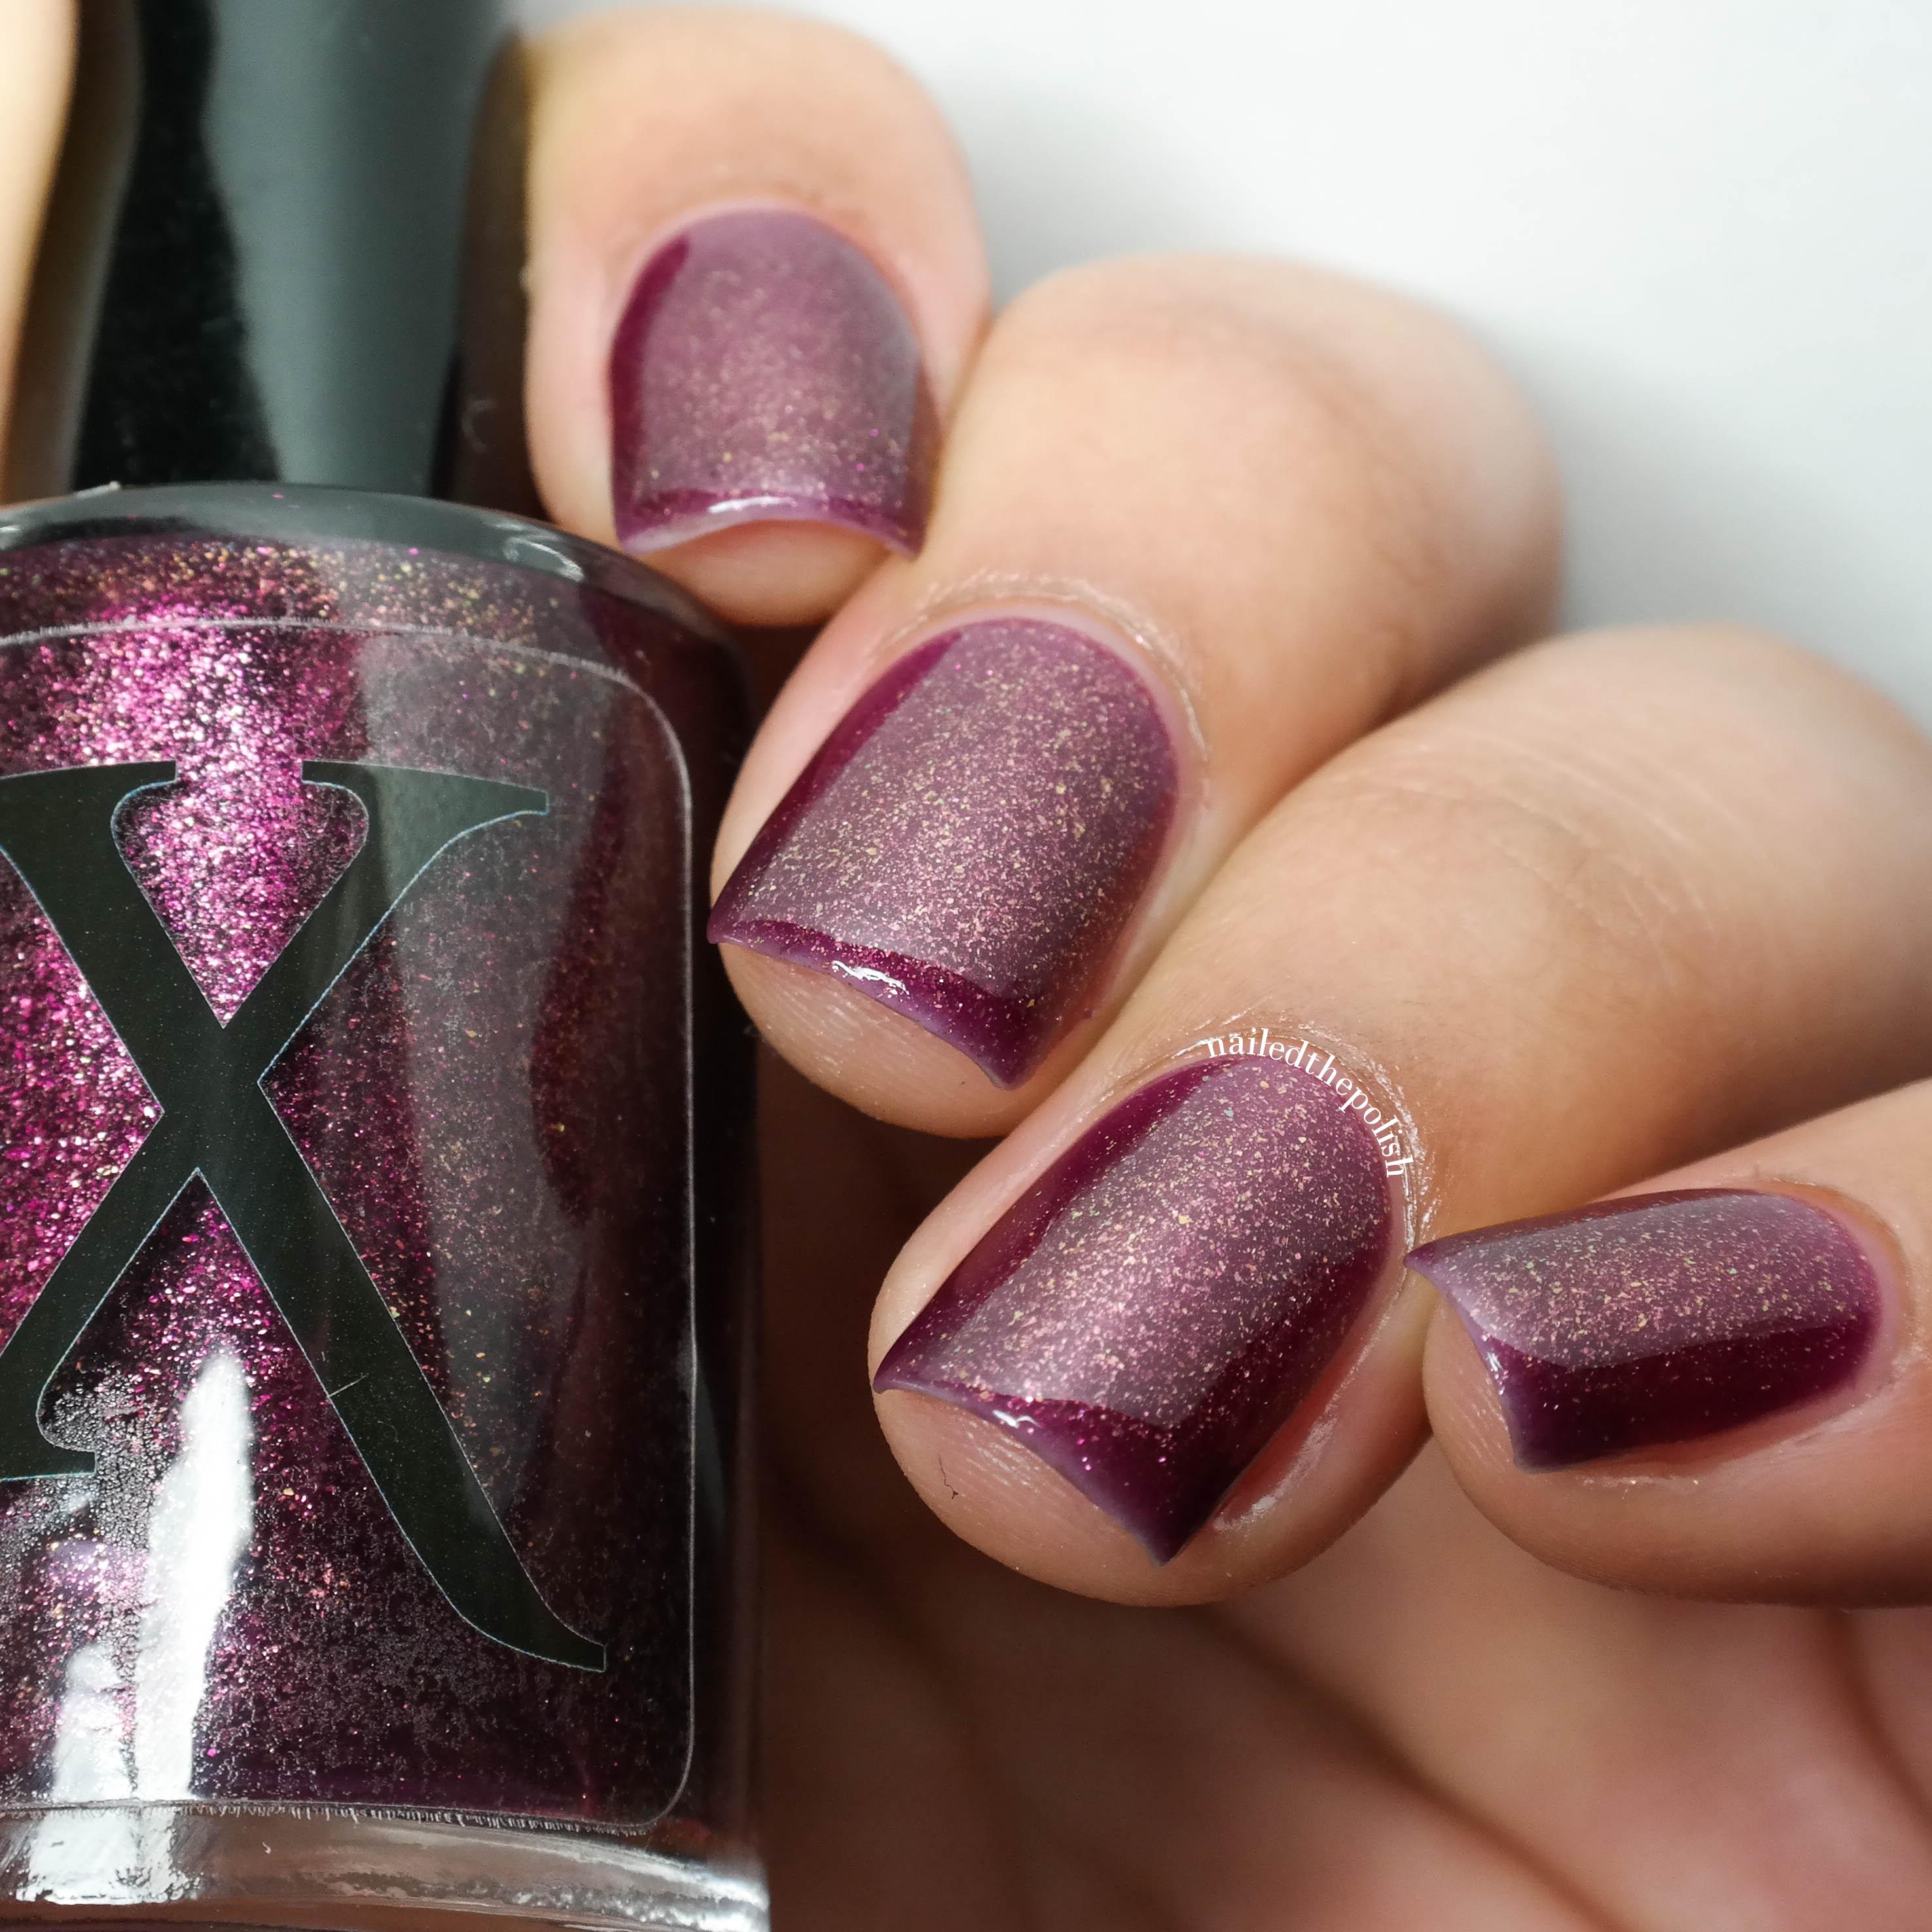 Baroness X Nail Lacquer | nailedthepolish